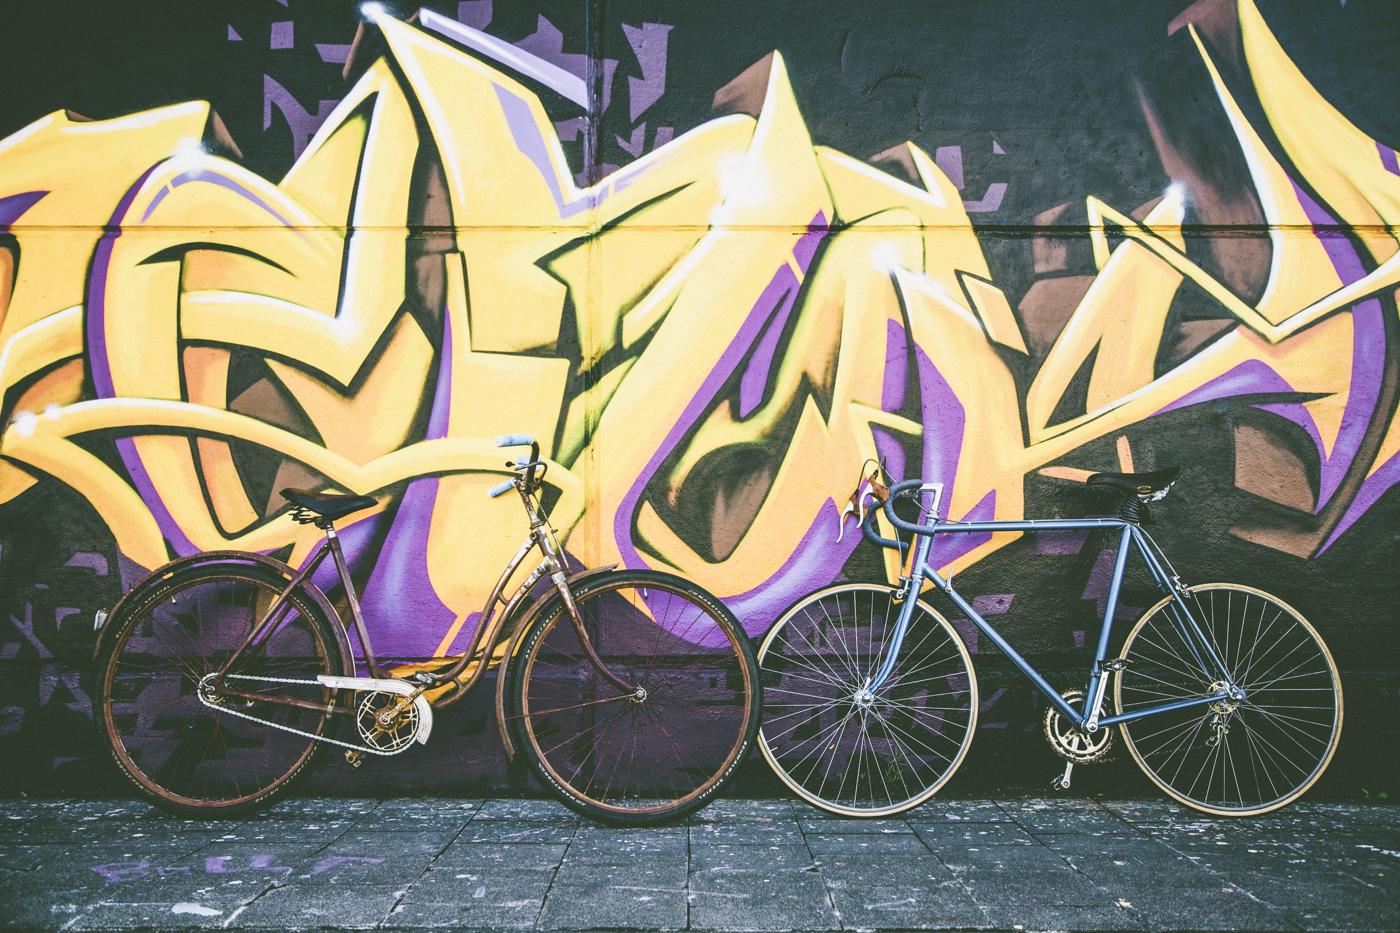 Royalty free, pubblico dominio, immagini gratis, murales, bicicletta